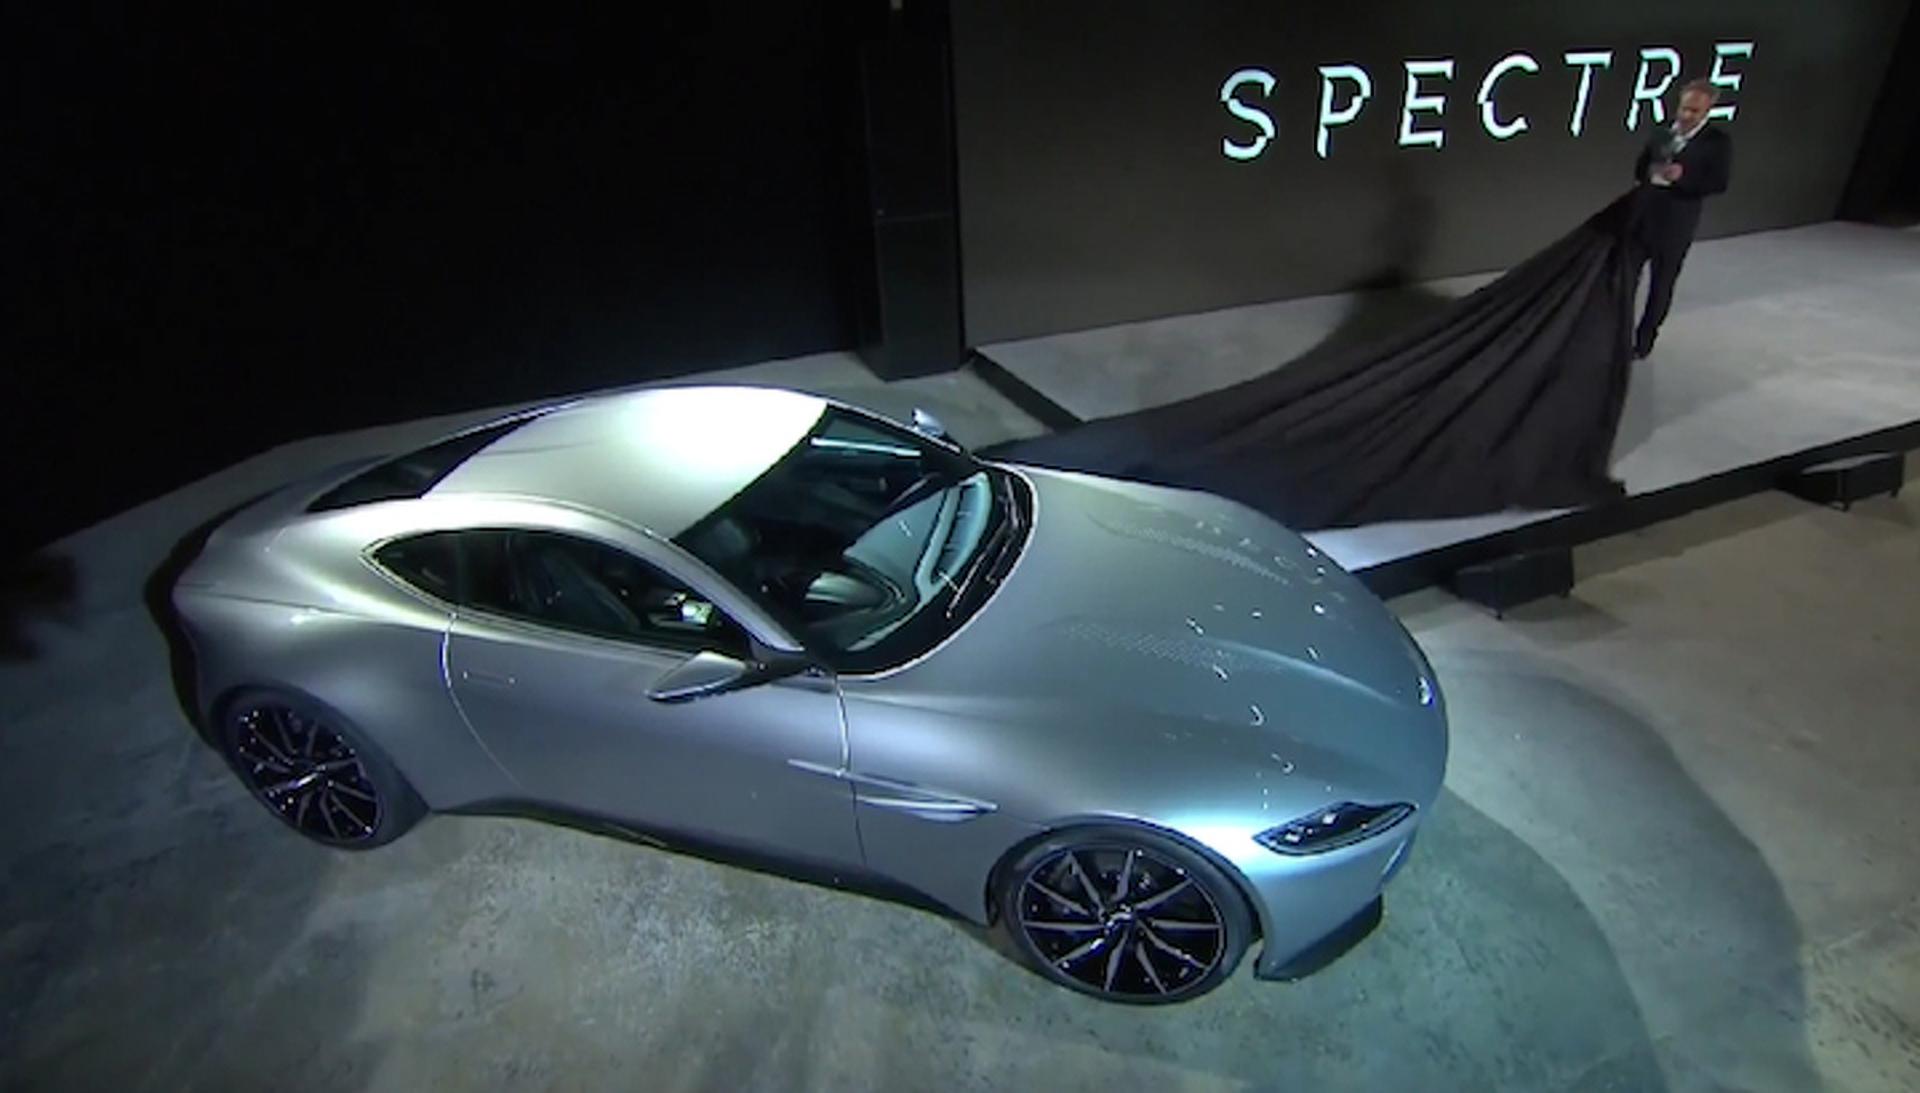 James Bond Gets a Sleek New Aston Martin for 'Spectre'